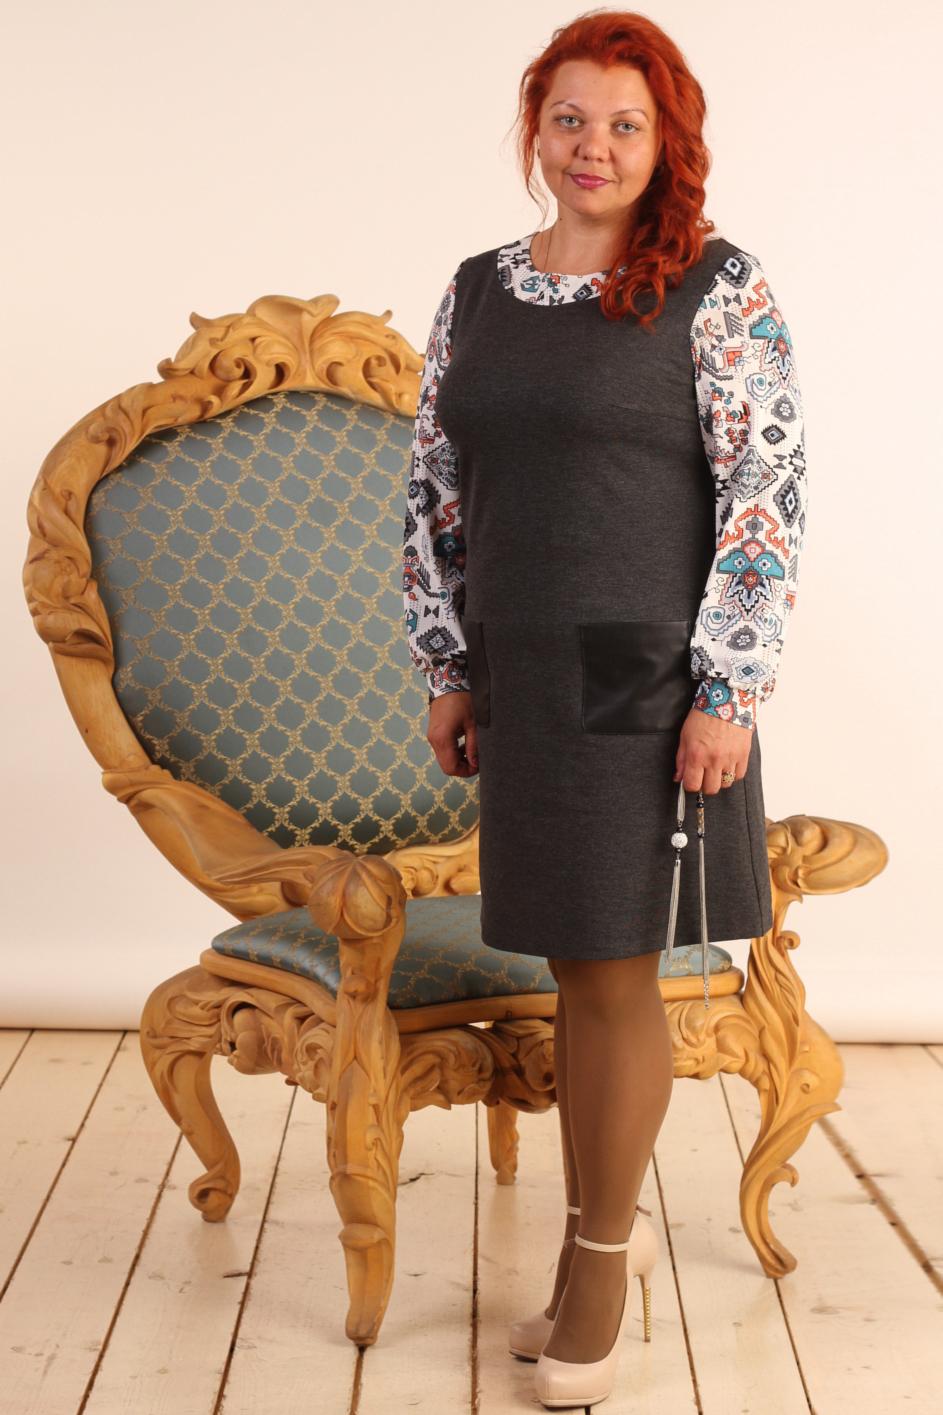 ПлатьеПлатья<br>Красивое платье с круглой горловиной и длинными рукавами. Модель выполнена из плотного трикотажа с рукавами и обтачкой из вязаного трикотажа и кожаными карманами. Отличный выбор для повседневного гардероба.  В изделии использованы цвета: серый, белый и др.  Длина рукава 60 см.  Длина изделия: 46 размер - 92 см 48 размер - 93 см 50 размер - 94 см 52 размер - 95 см 54 размер - 96 см 56 размер - 97 см  Рост девушки-фотомодели 165 см<br><br>Горловина: С- горловина<br>По длине: Ниже колена<br>По материалу: Вязаные,Трикотаж<br>По образу: Город,Свидание<br>По рисунку: С принтом,Цветные<br>По сезону: Осень,Зима<br>По силуэту: Полуприталенные<br>По стилю: Повседневный стиль<br>По элементам: С карманами,С кожаными вставками,С манжетами<br>Рукав: Длинный рукав<br>Размер : 46,48,50,52,54,56<br>Материал: Джерси<br>Количество в наличии: 6